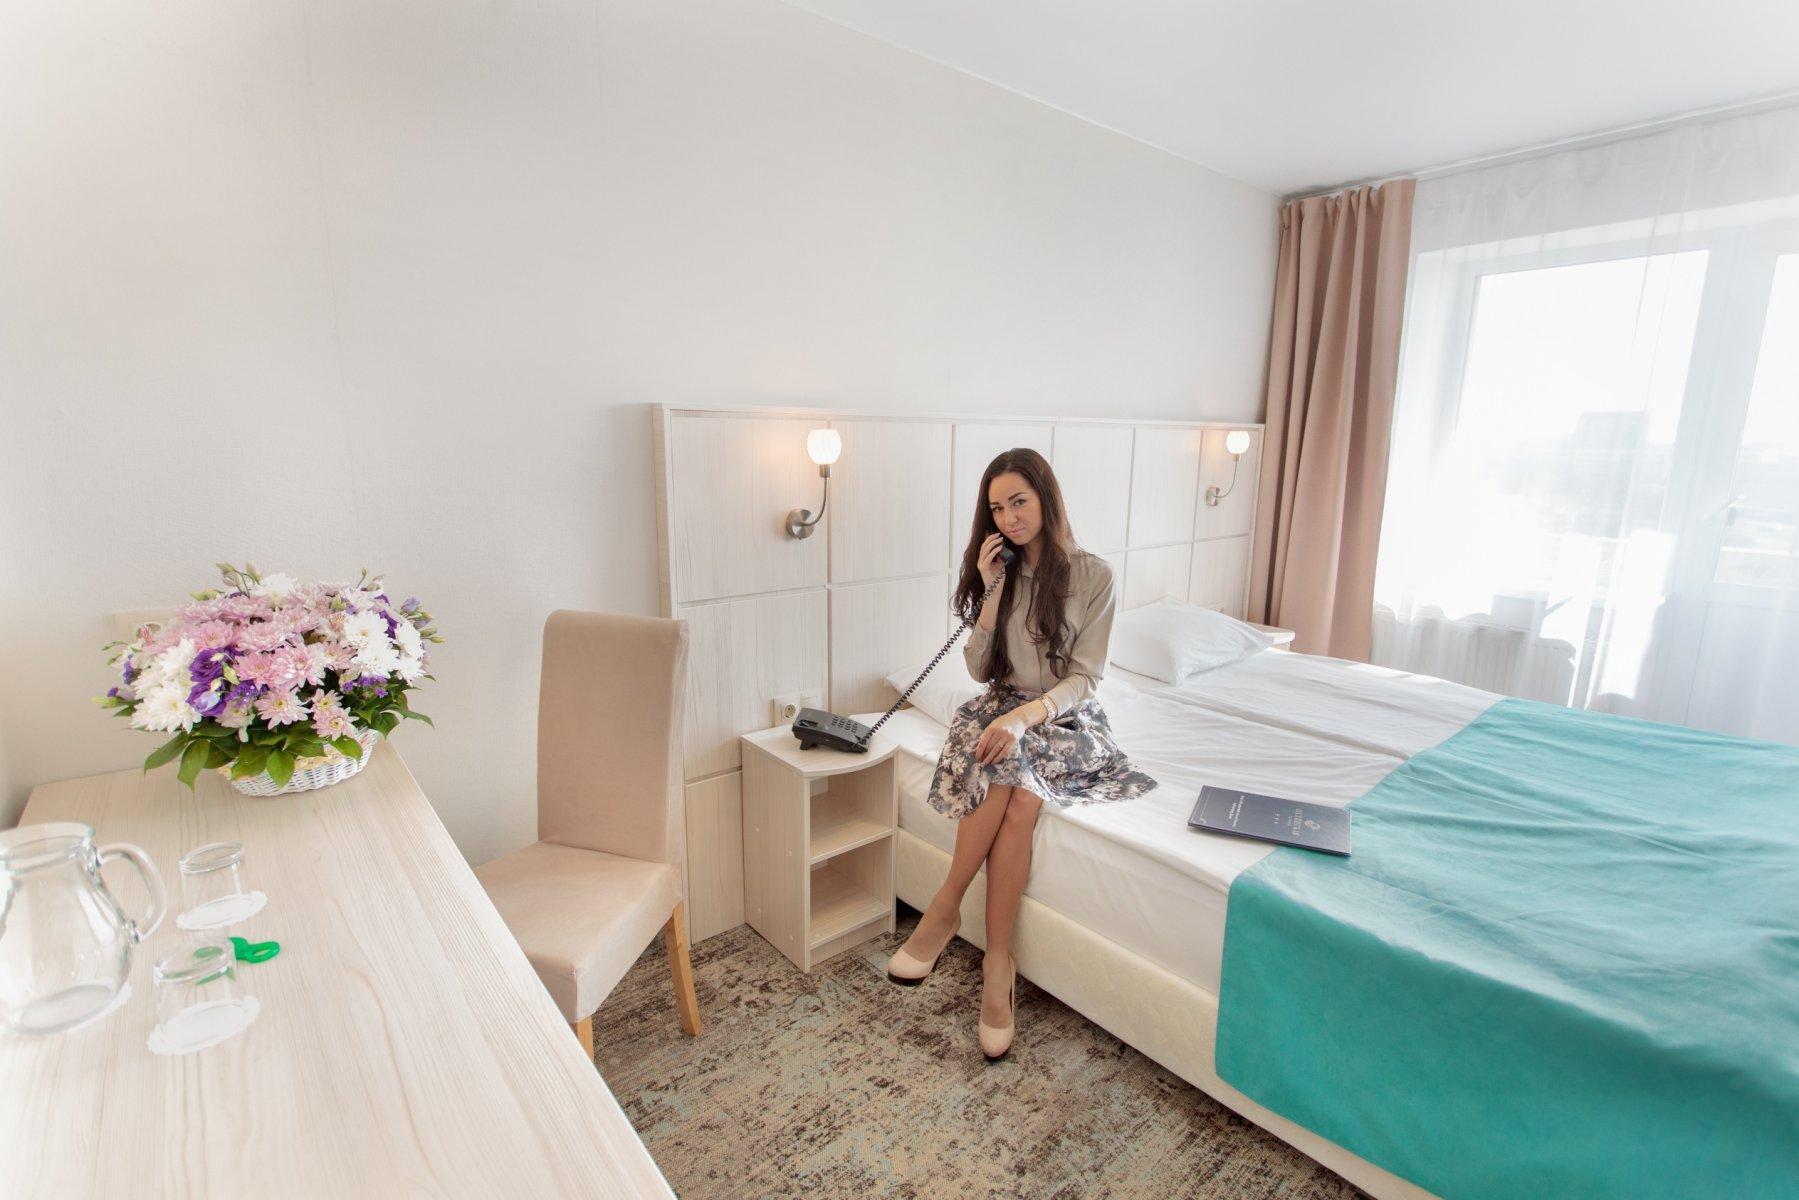 рецепте гостиница охтинская в санкт петербурге фото реборн